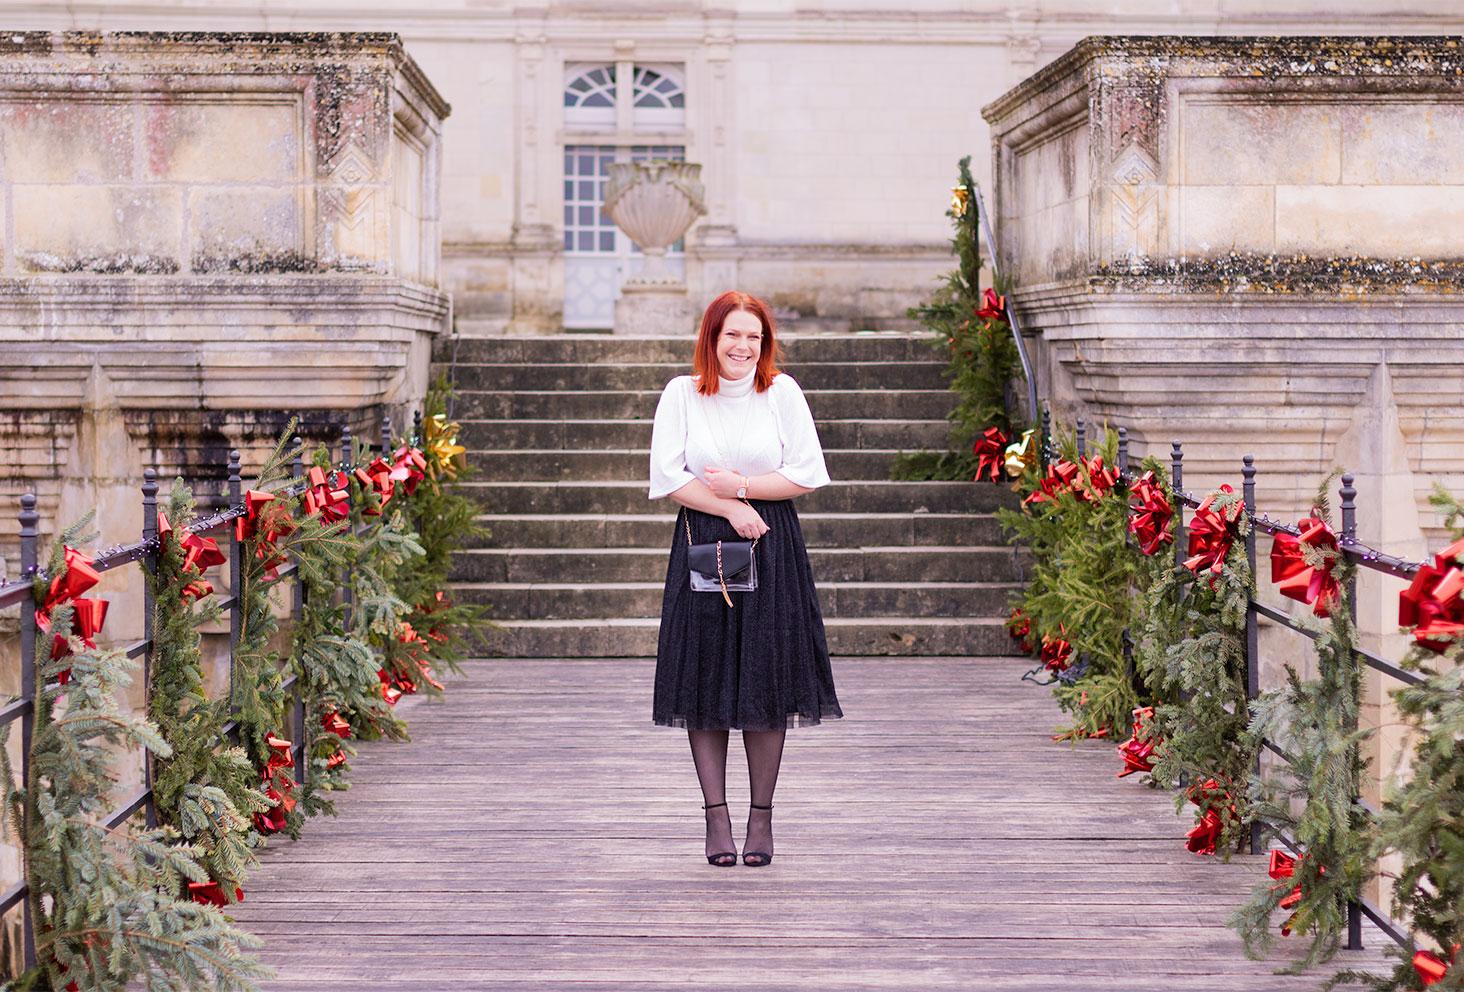 Sur le pont en bois décoré pour Noël au château de Villandry, en jupe tutu noire et pull blanc à col haut